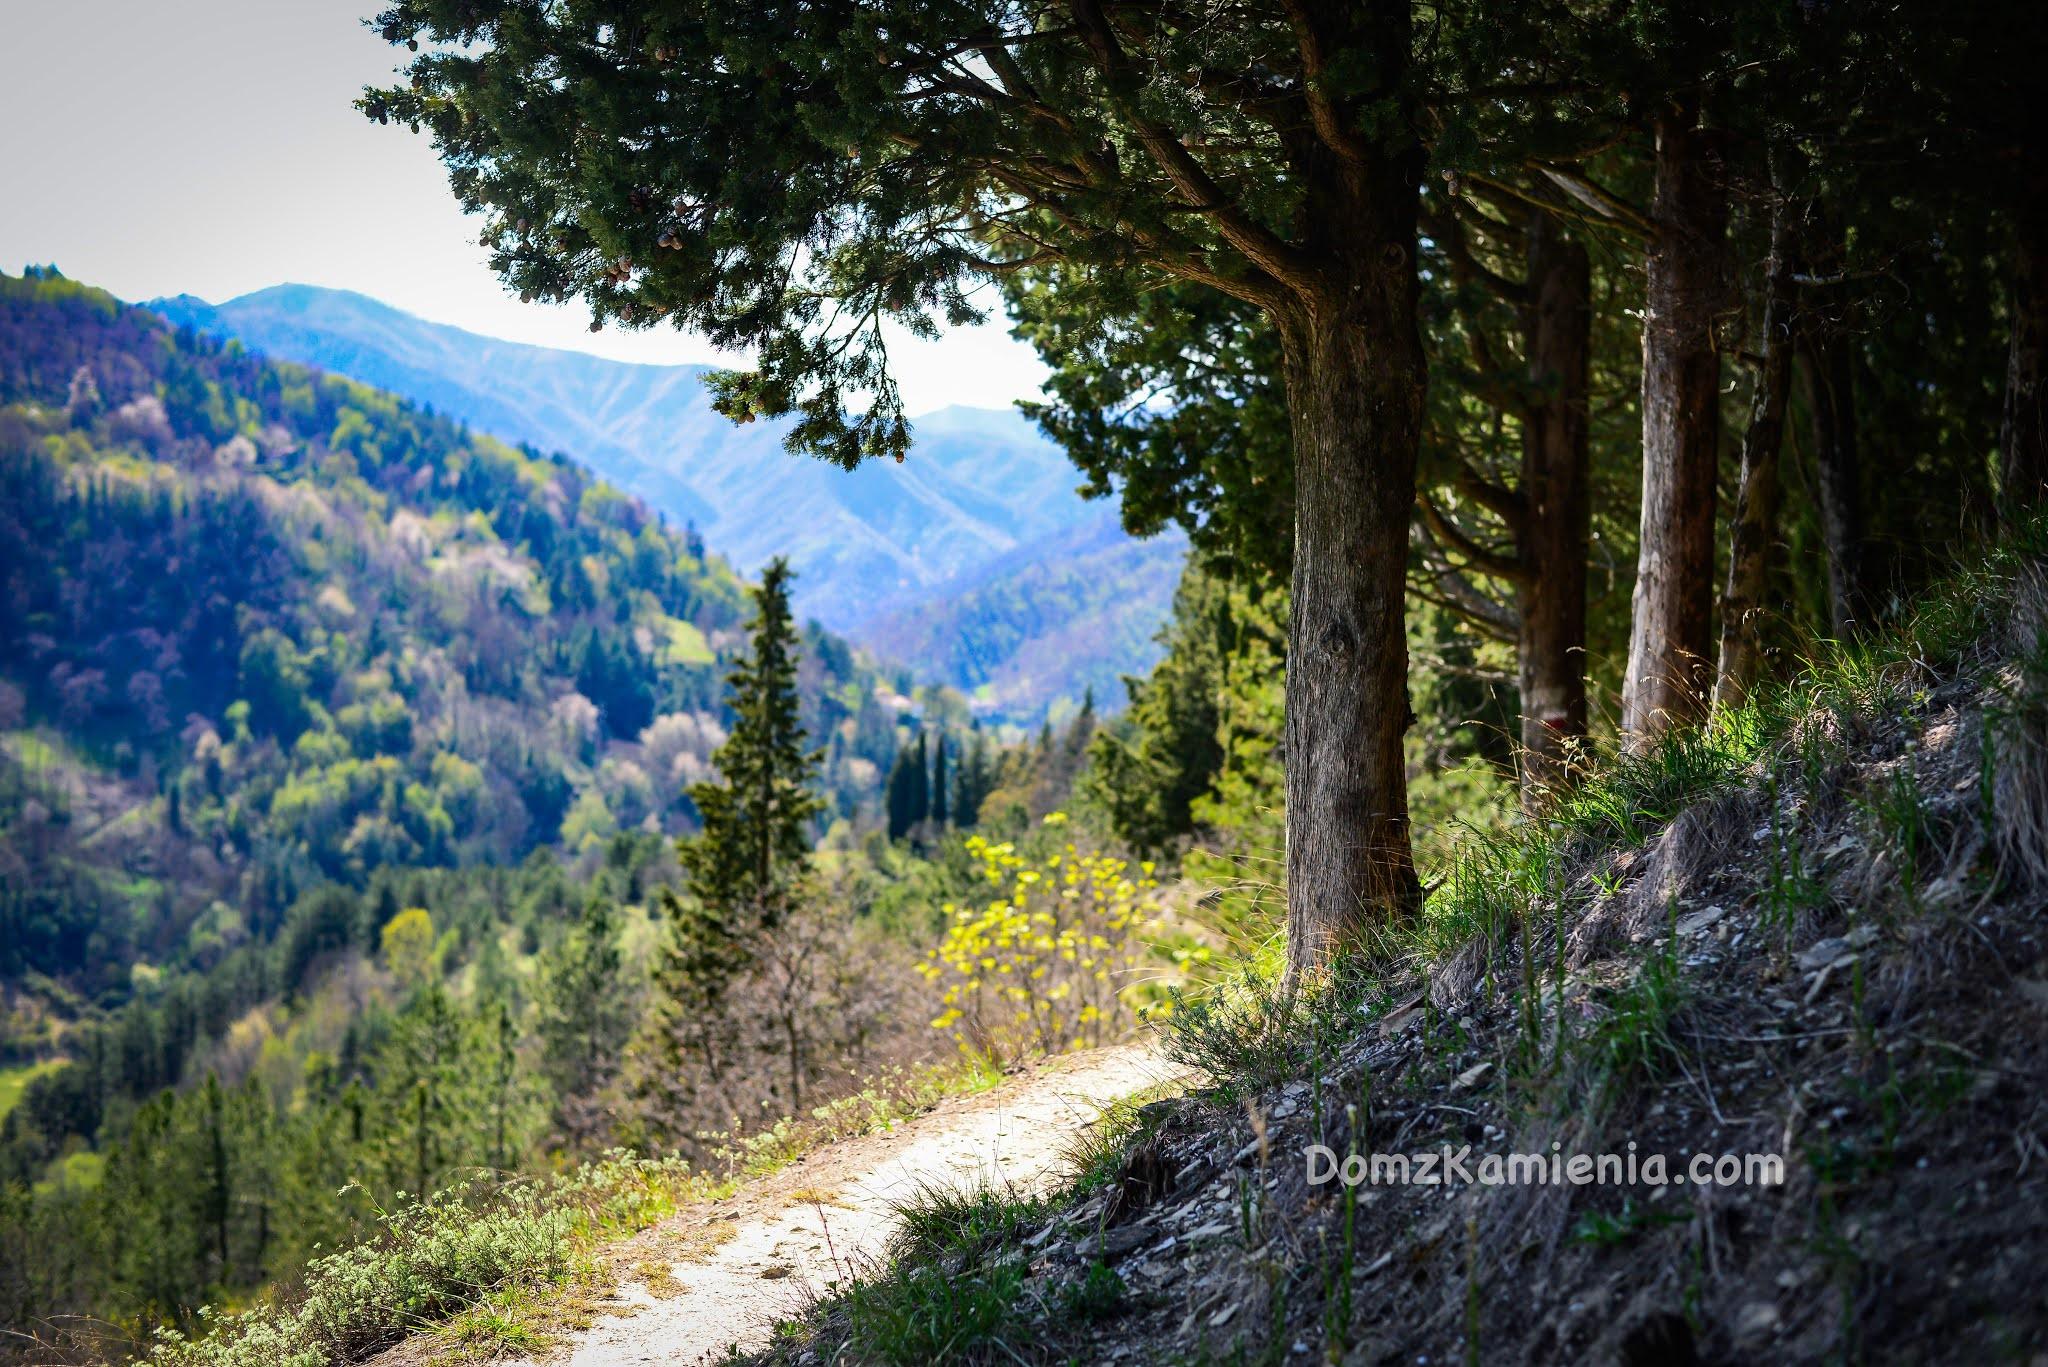 Dom z Kamienia blog o życiu w Toskanii, Marradi